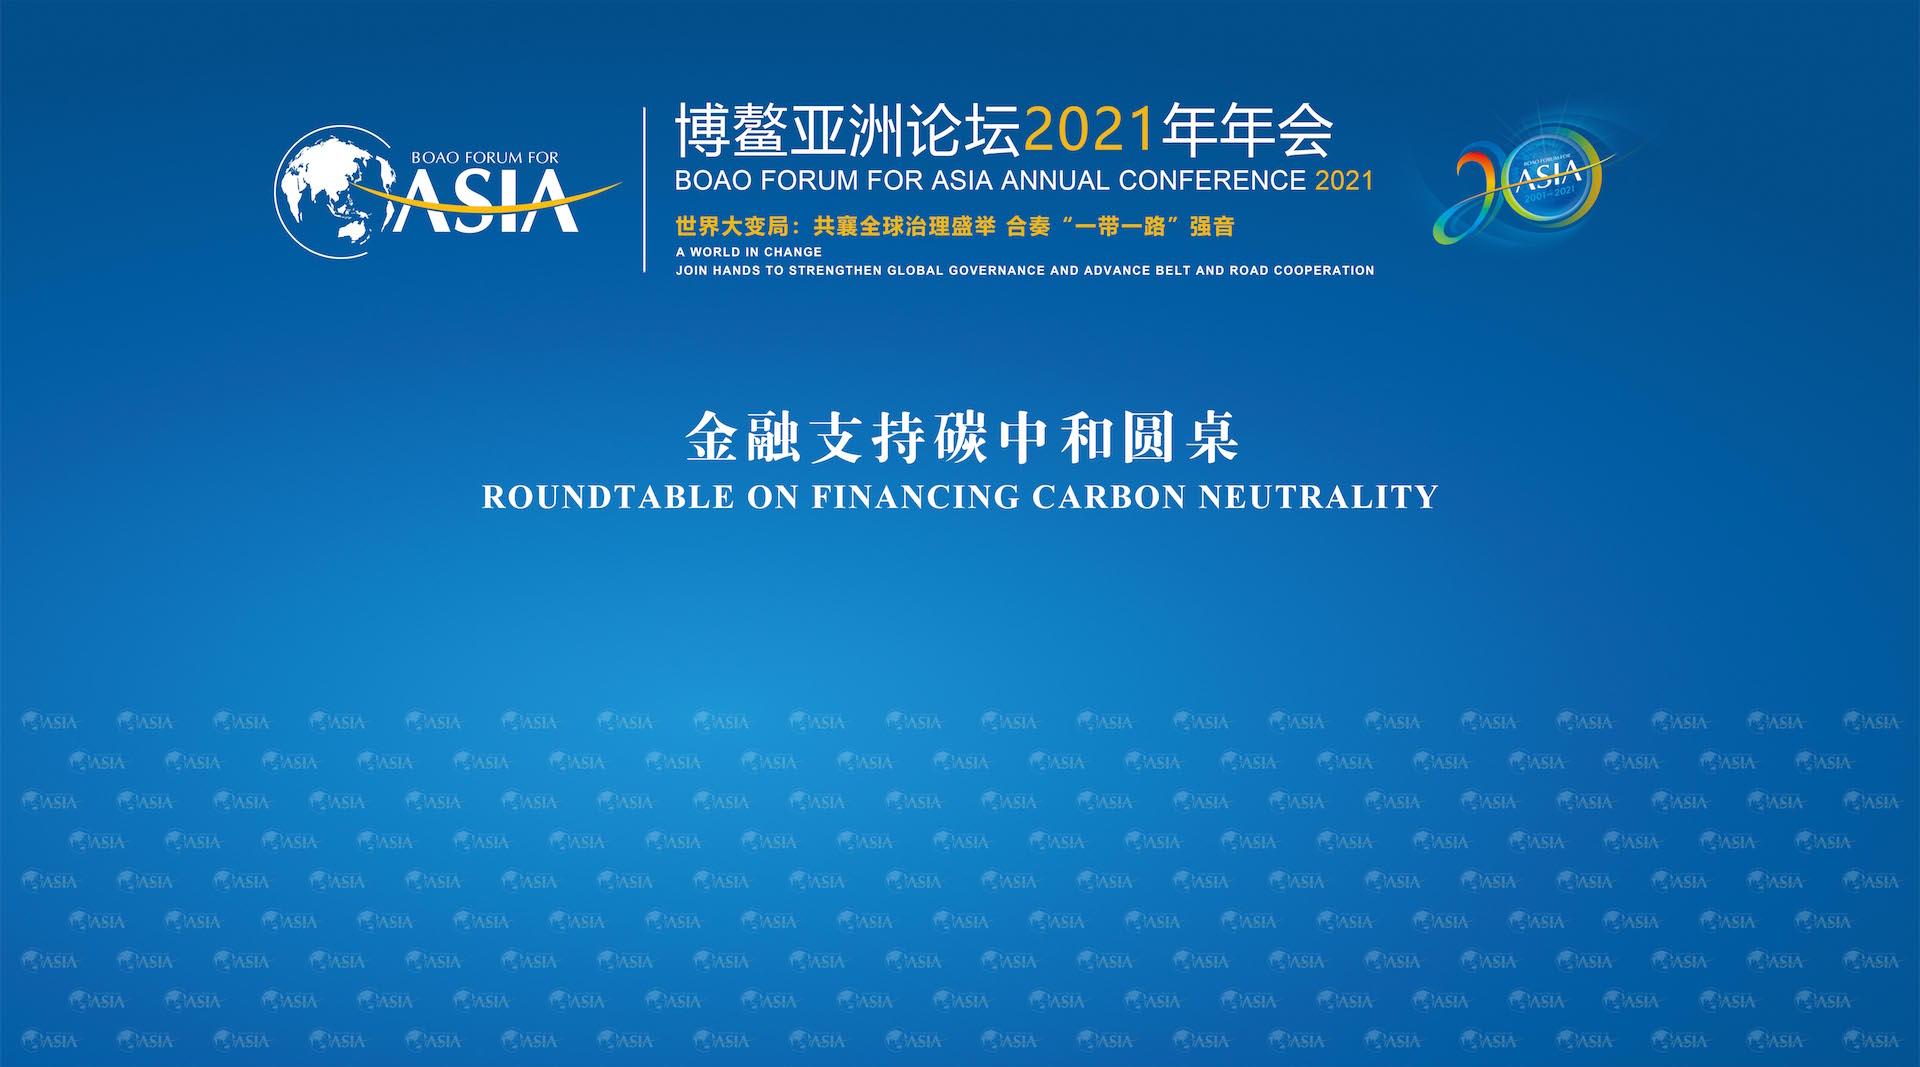 博鳌亚洲论坛 2021年年会|⾦融支持碳中和圆桌…